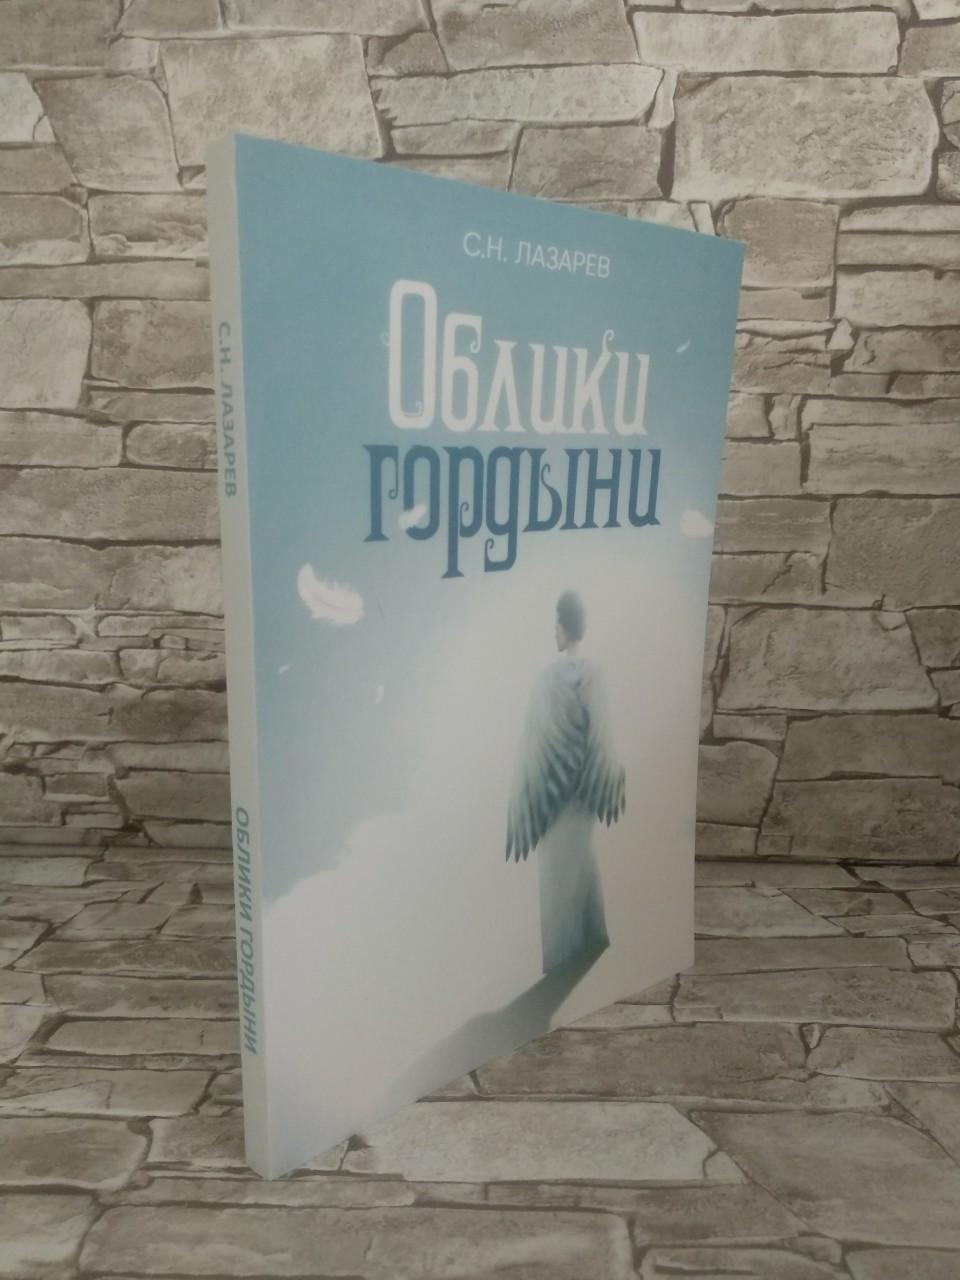 """Книга """"Облики гордыни"""" Сергей Лазарев"""